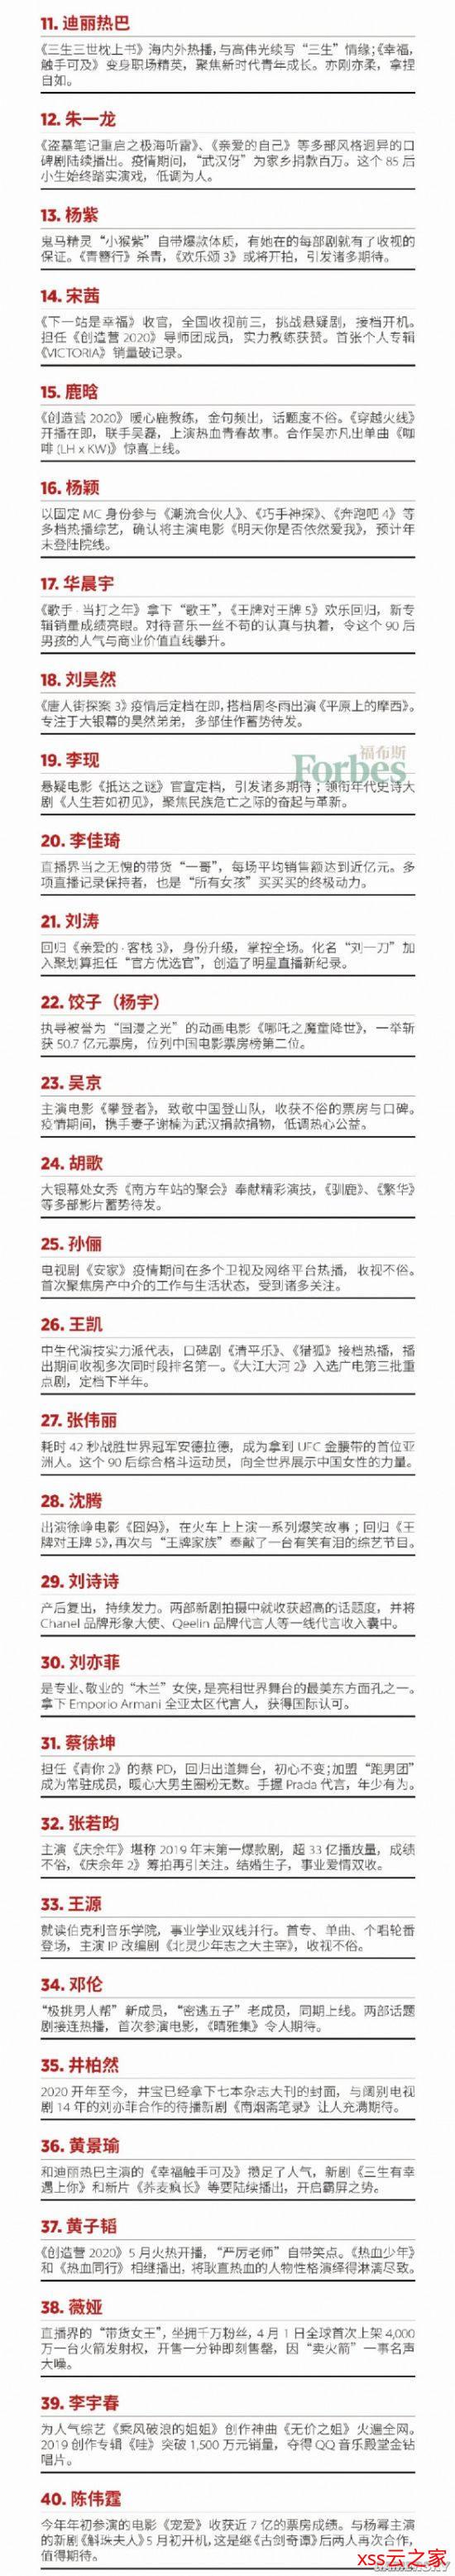 福布斯发布2020年中国名人榜TOP100 周杰伦排第四插图(12)